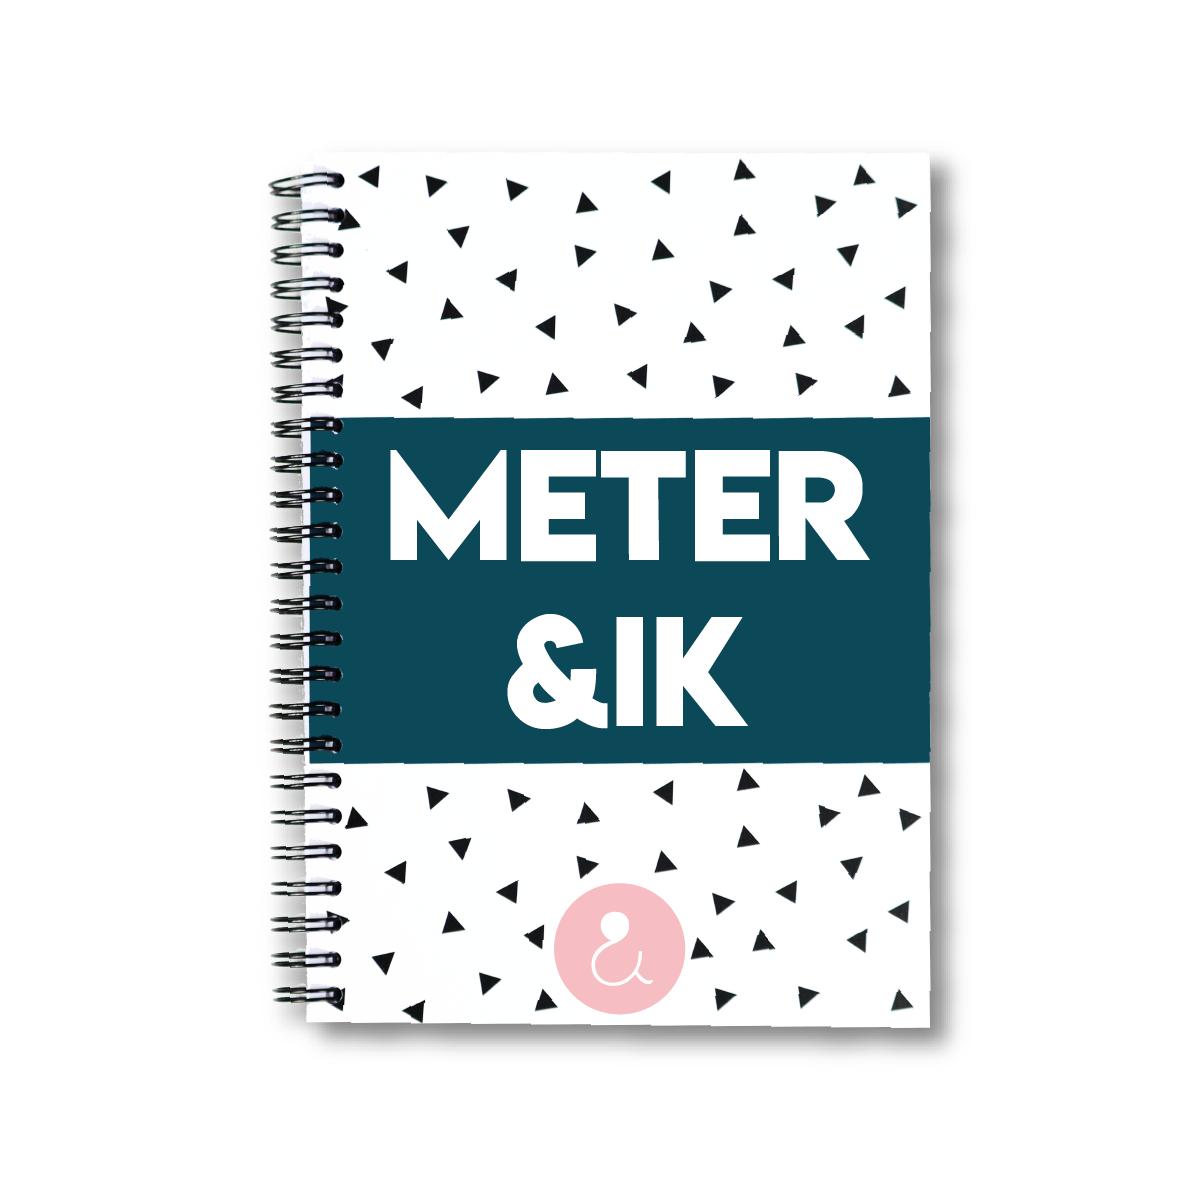 Meter&ik | roze stip (drukfout)